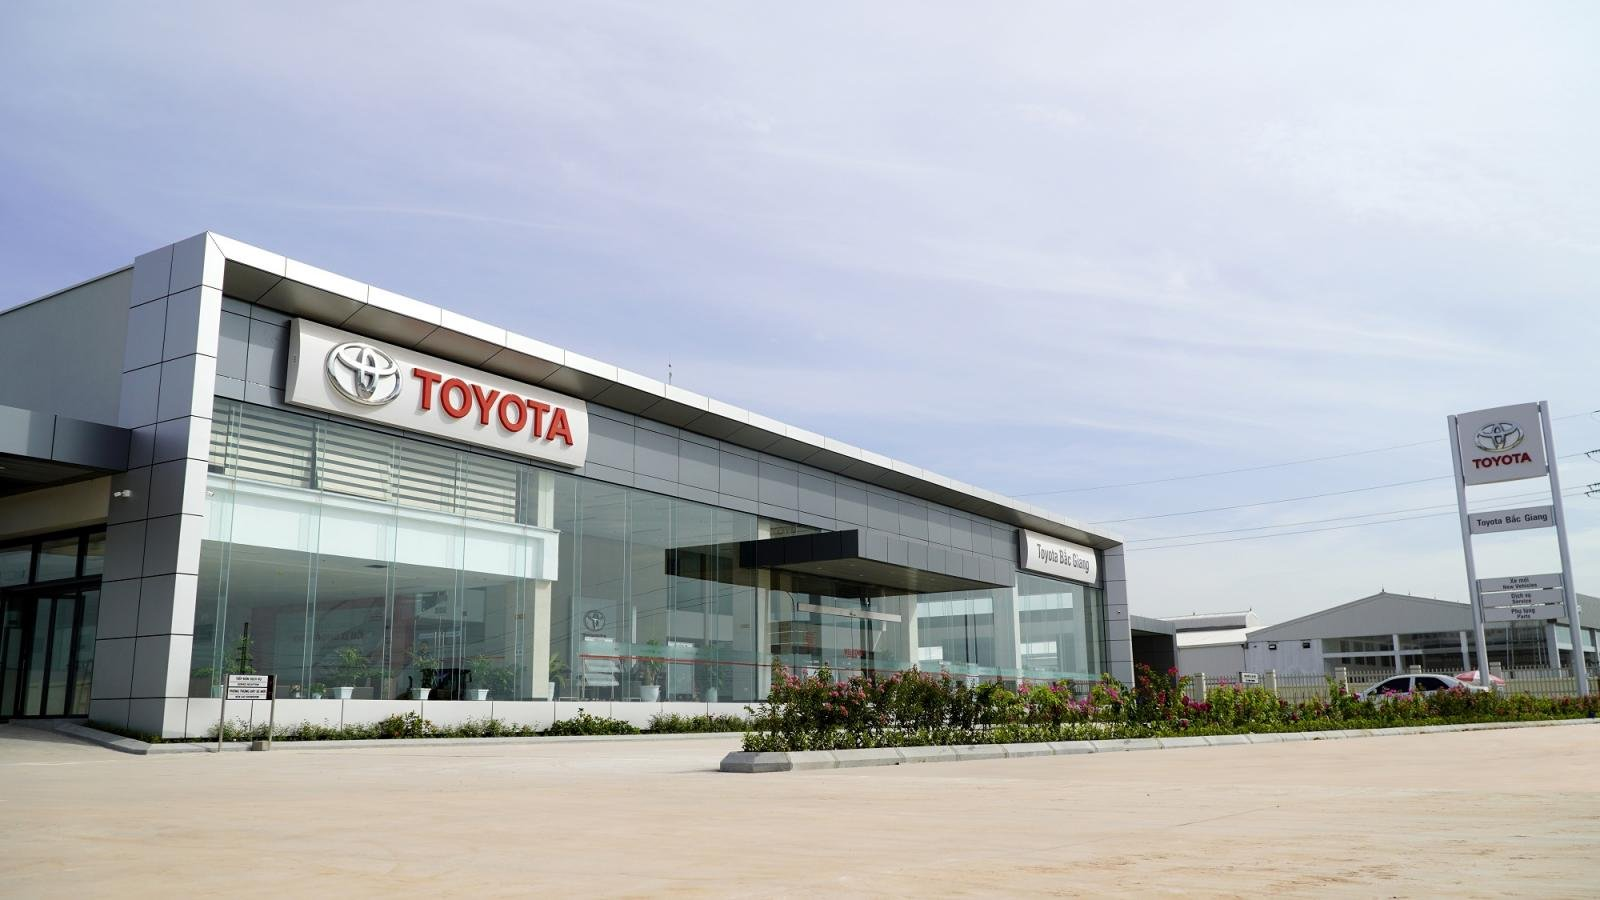 Toyota Bắc Giang chính thức đi vào hoạt động từ ngày 1/7/2019.